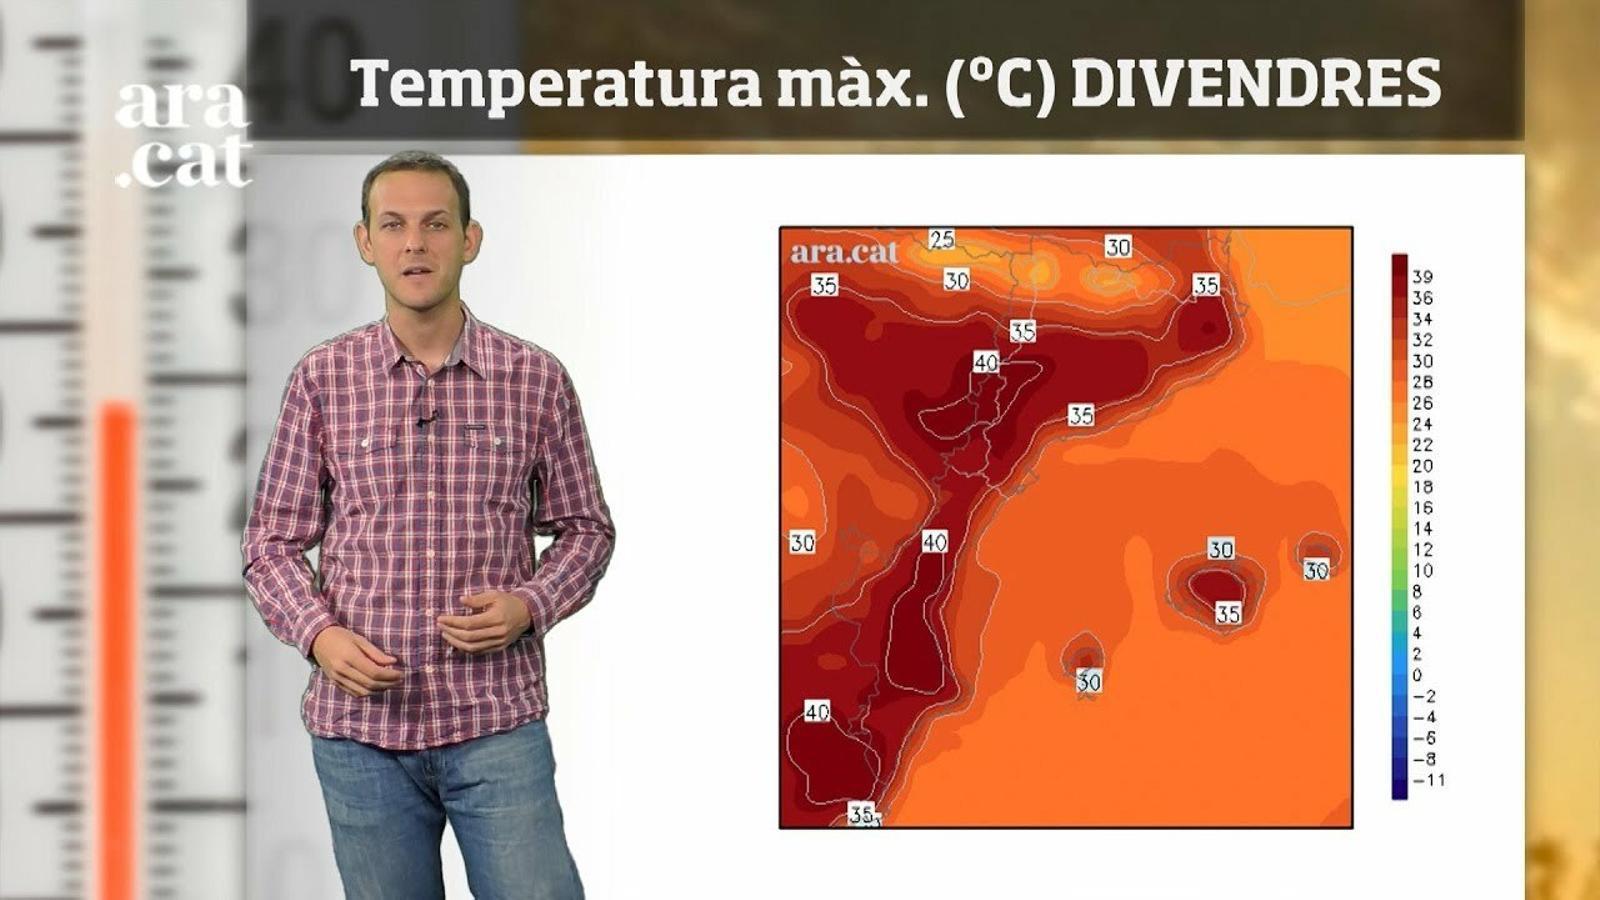 La méteo en 1 minut: més de 40 ºC a Ponent i a l'interior del País Valencià